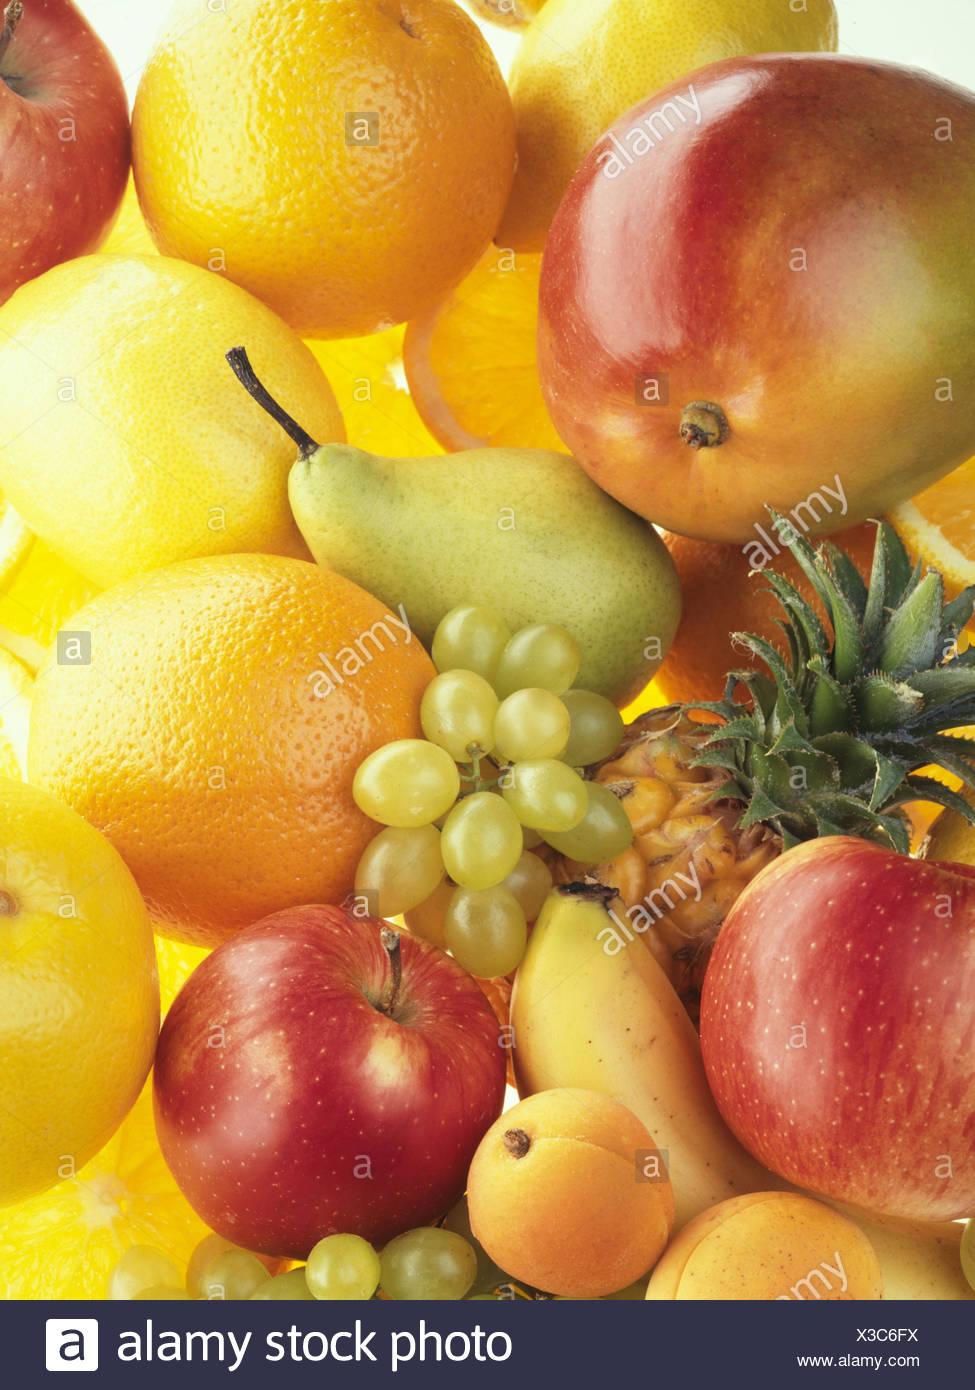 südfrüchte sorten